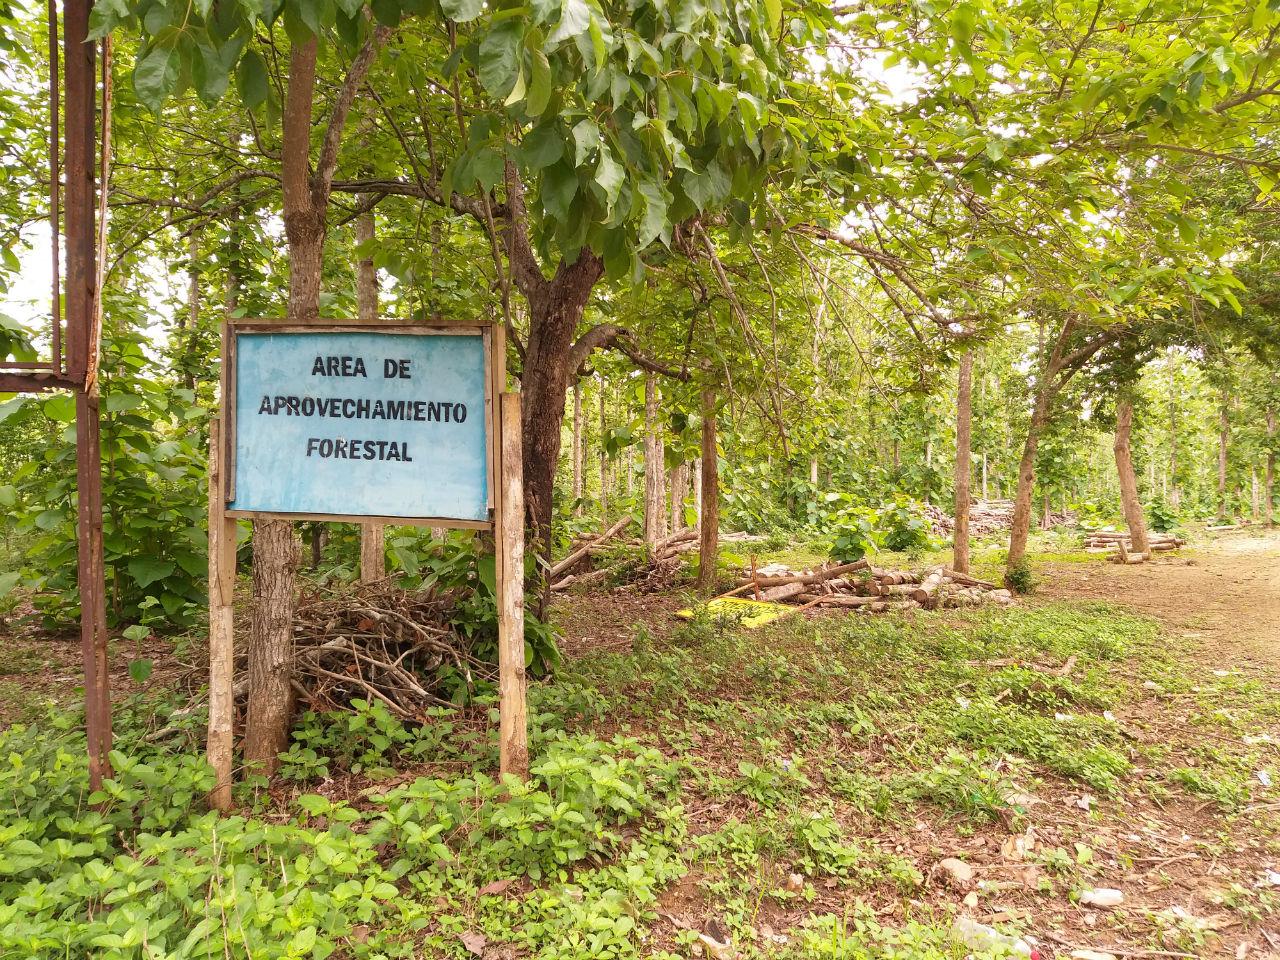 Este aviso, ubicado en la ye entre Palmira y Pajonalito, es el primero que se ve en la zona en la que fueron sembradas más de 500 hectáreas de tierra que antes eran usadas para ganadería y agricultura.